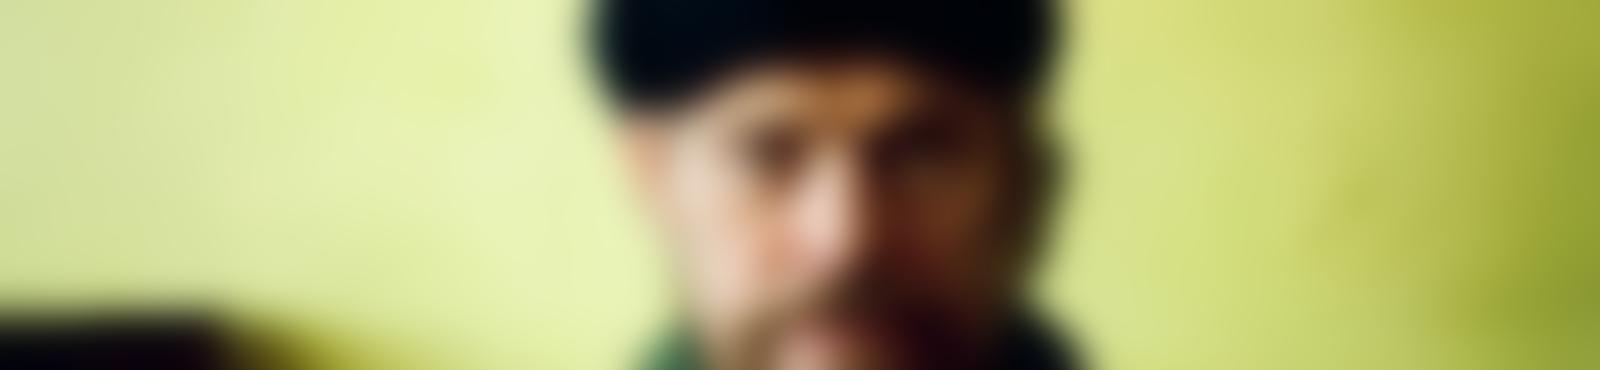 Blurred 2874ad2f 4935 4a24 882f 1db3c21d13d1